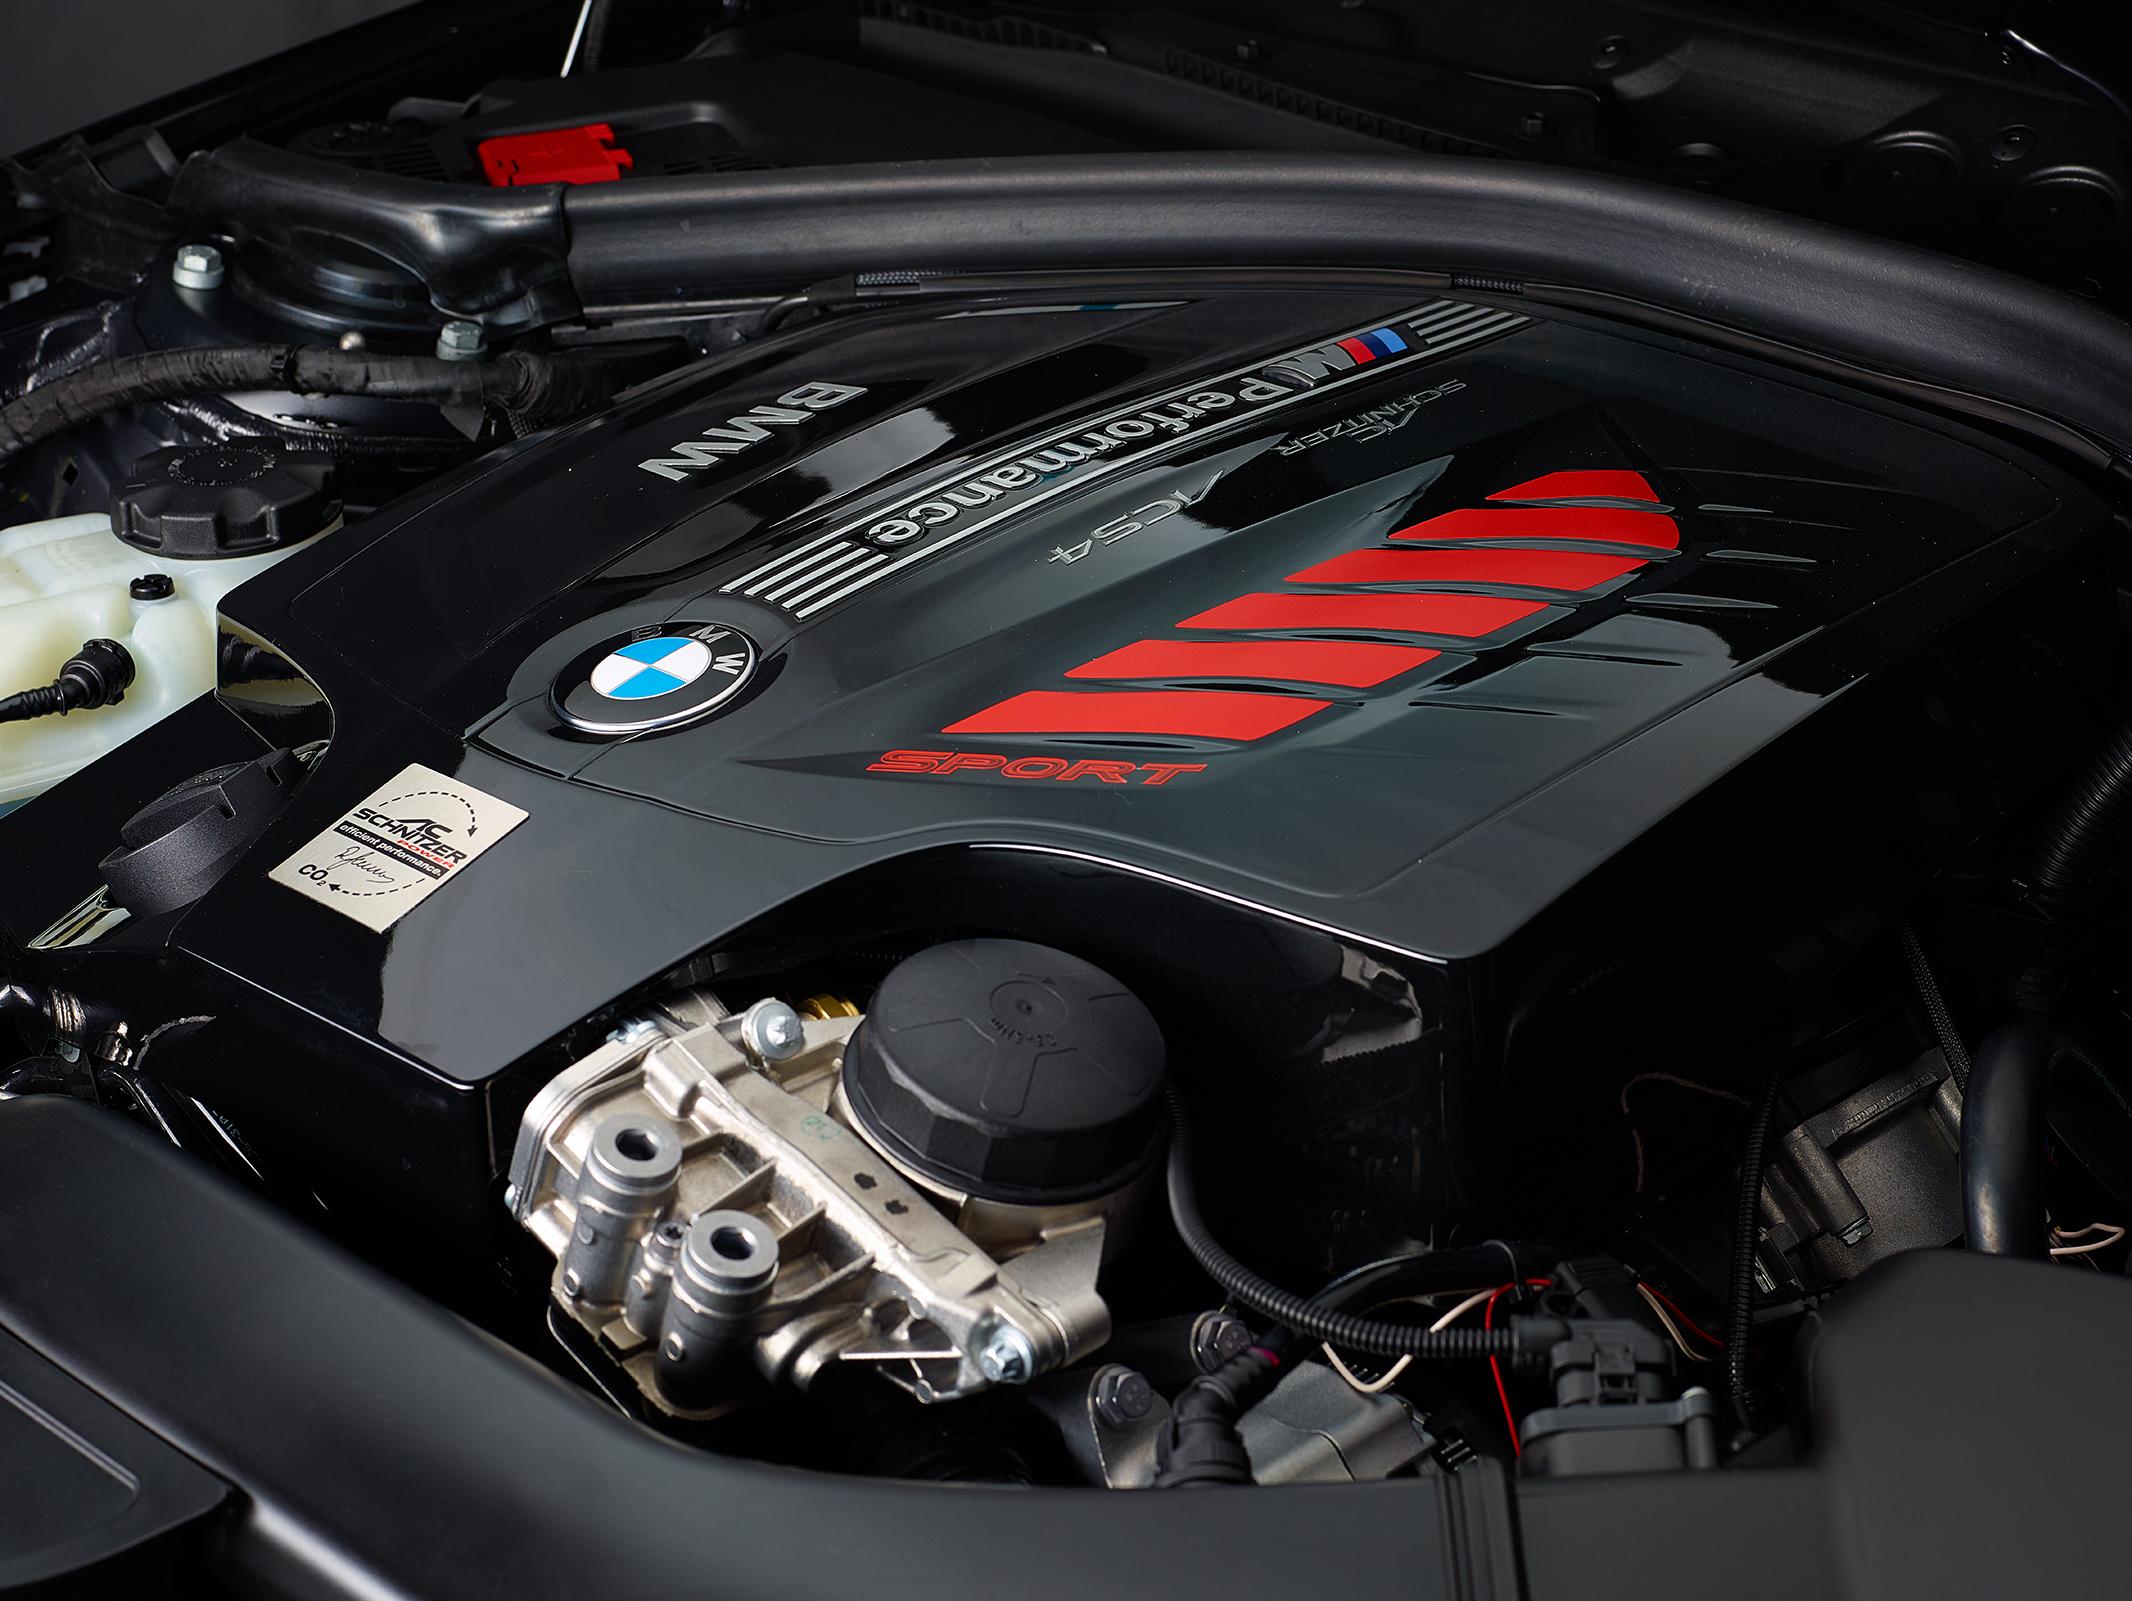 BMW_4er_Coupe_Tuning_Königsklasse_AC_Schnitzer_4